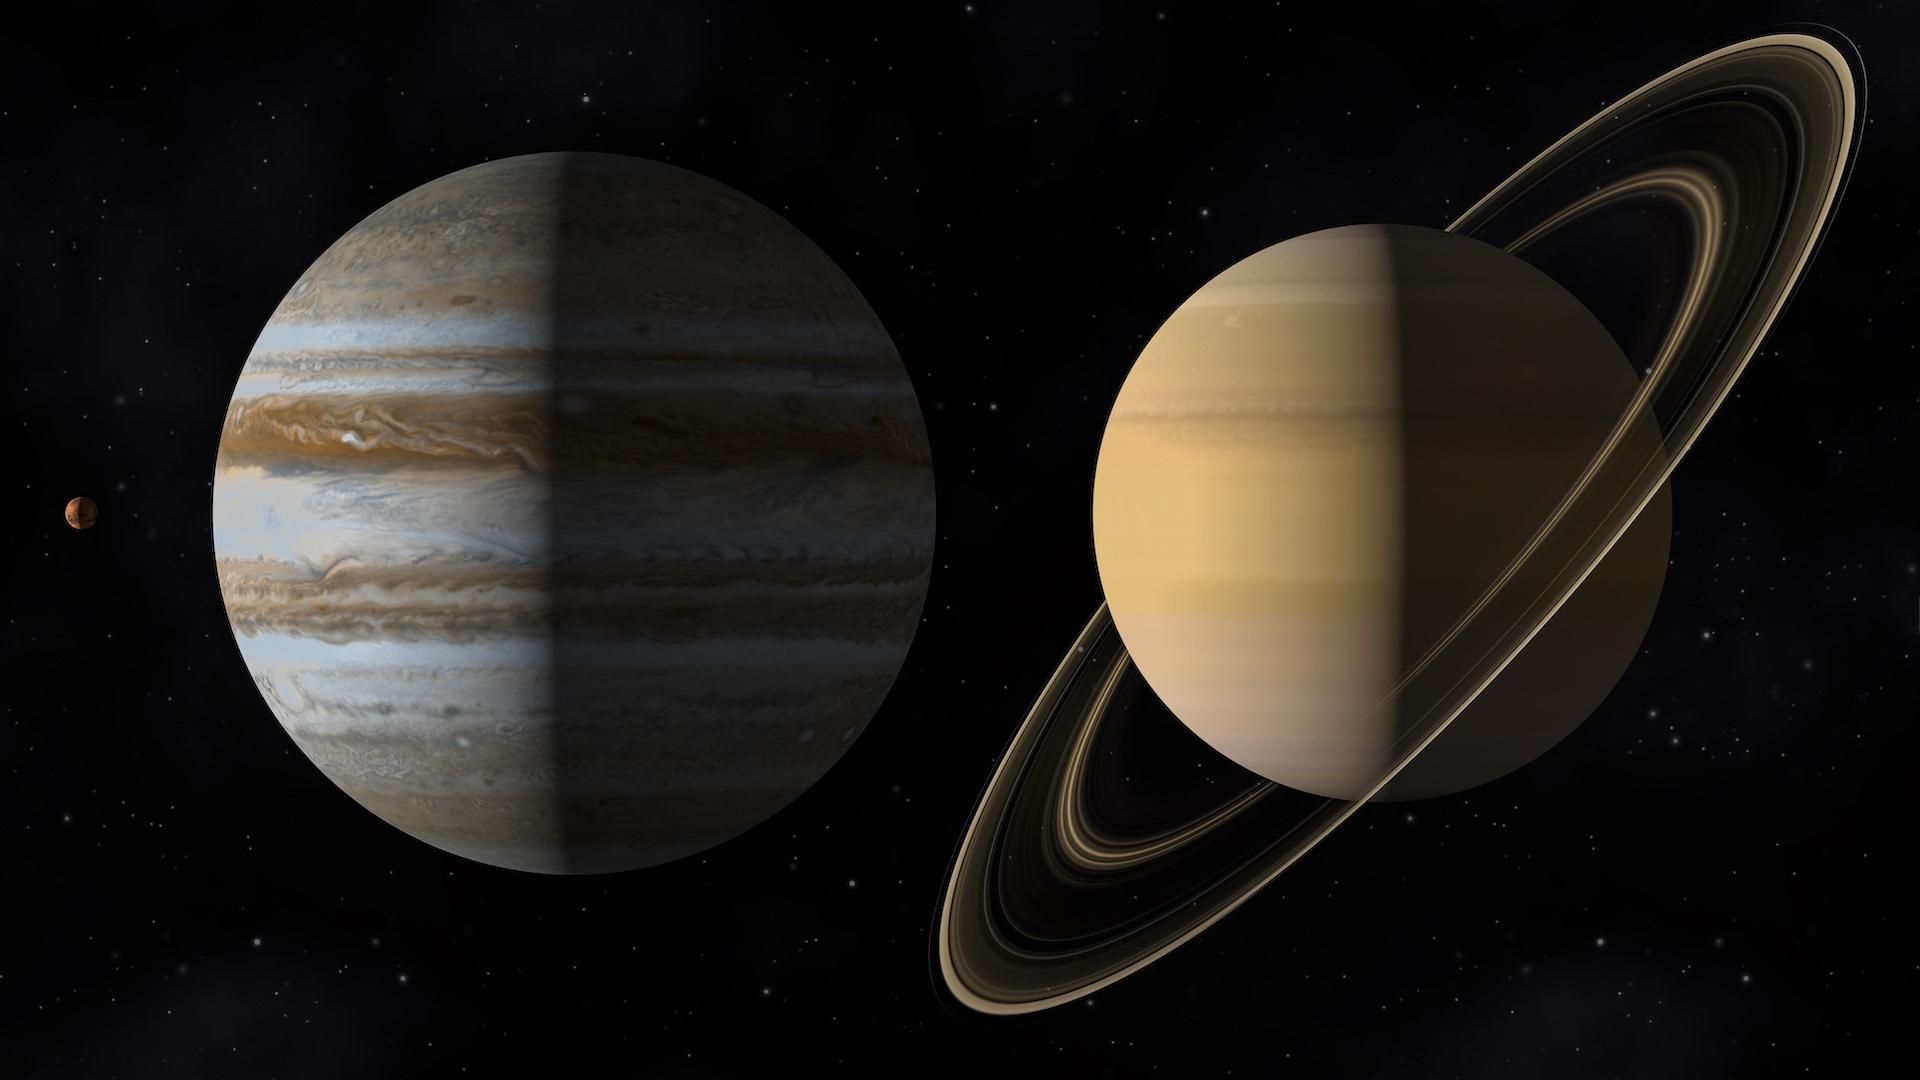 La conjunción de Júpiter y Saturno 2020 en vivo por streaming